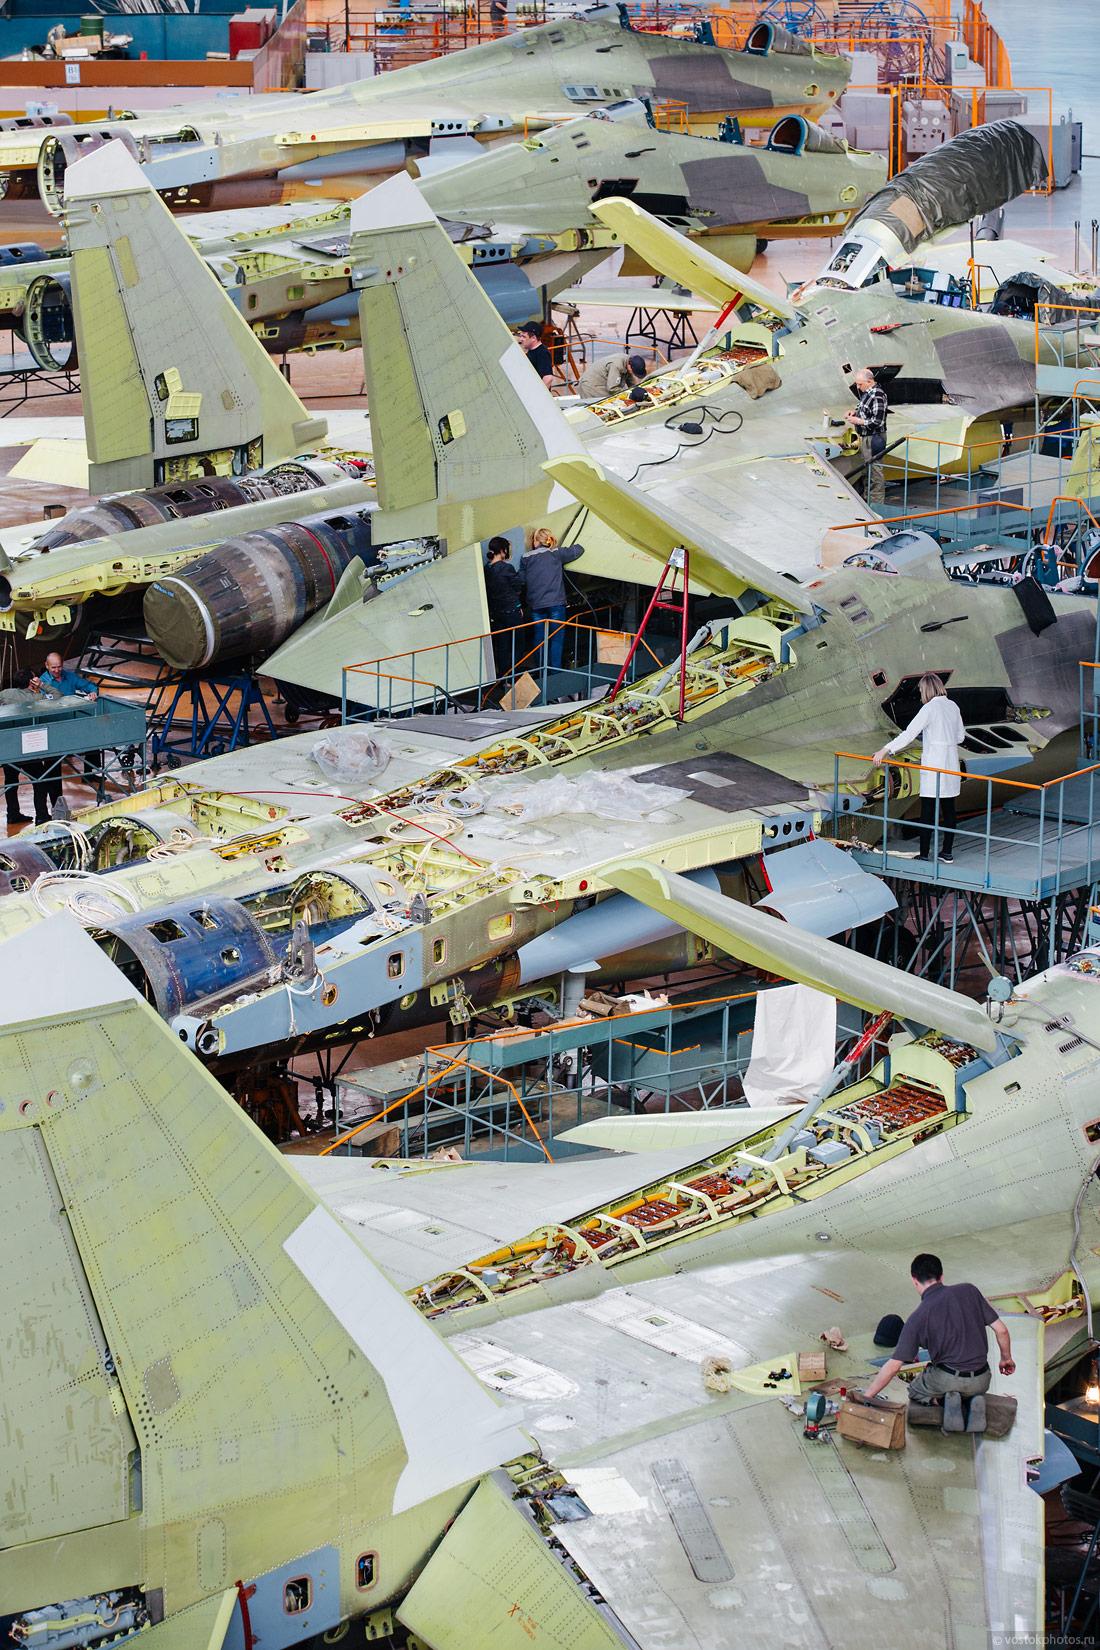 Производство истребителей серии Су-30МК и Су-30СМ на Иркутском авиационном заводе ПАО «Научно-производственная корпорация «Иркут». Иркутск, 2015 год.